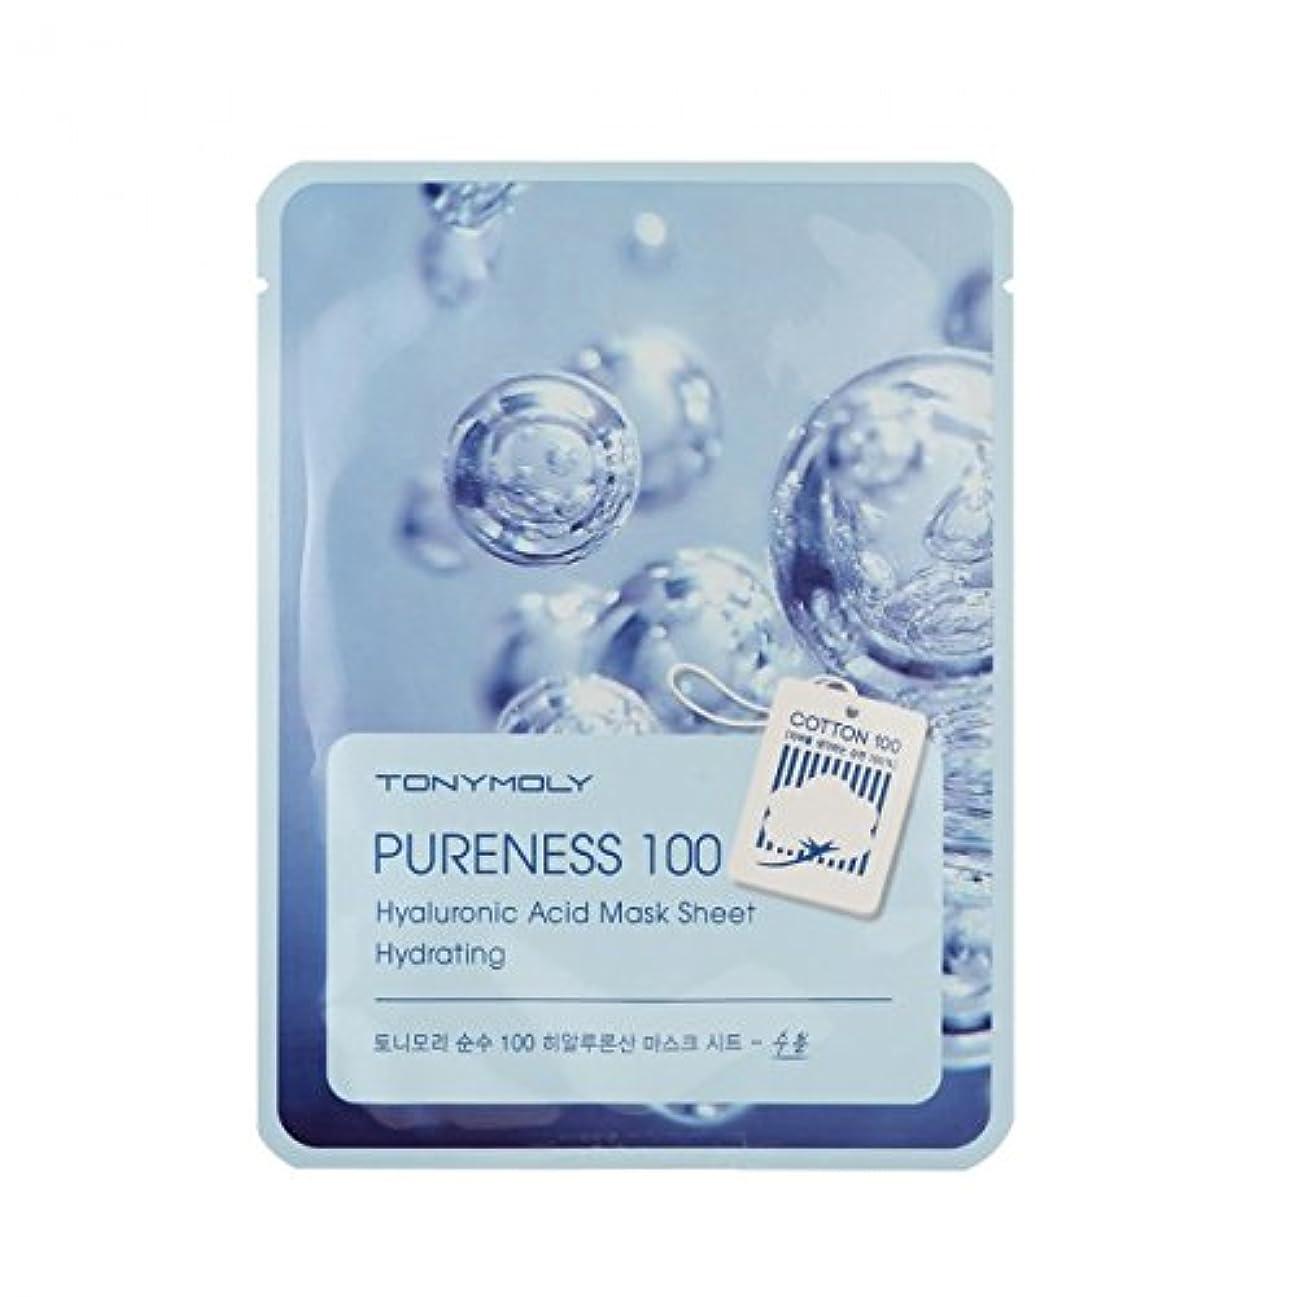 方法素晴らしいです蒸気(3 Pack) TONYMOLY Pureness 100 Hyaluronic Acid Mask Sheet Hydrating (並行輸入品)